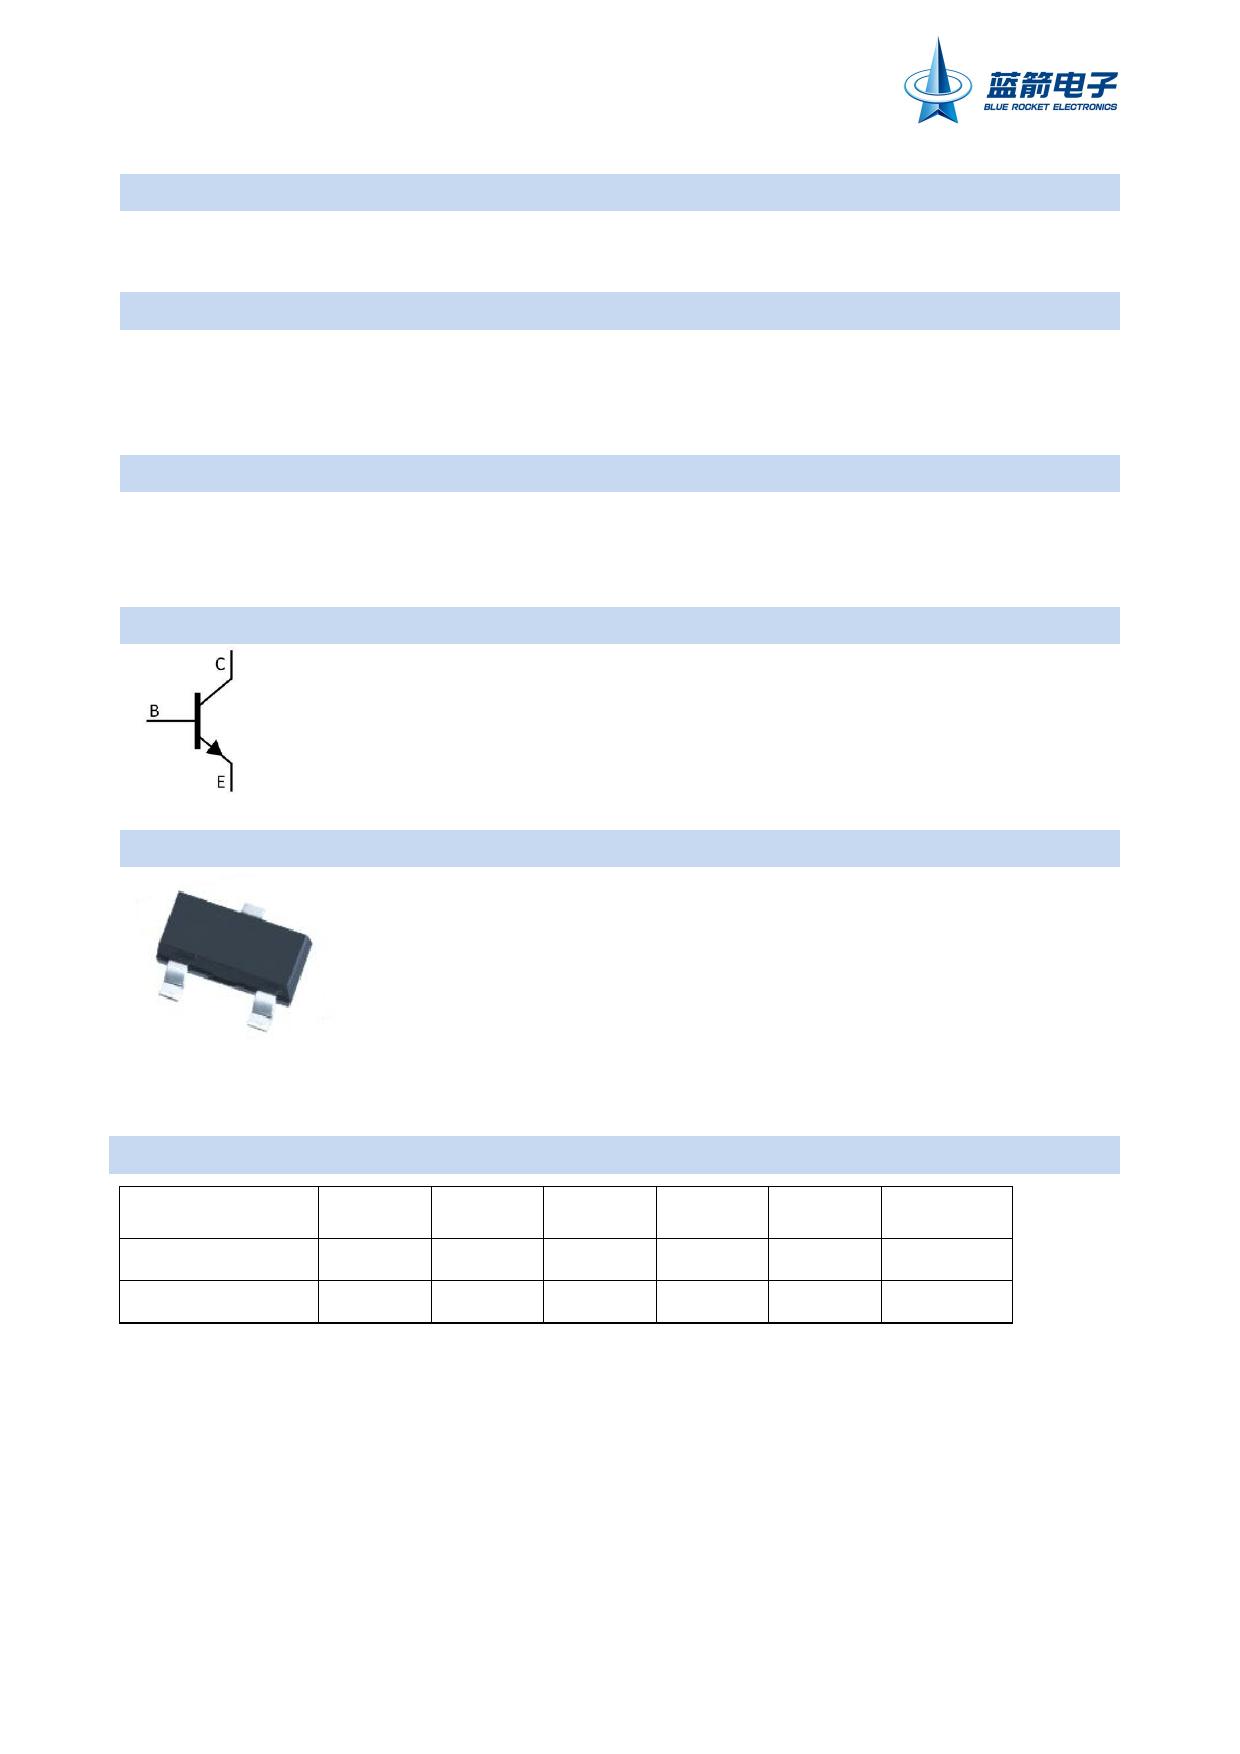 9018MG datasheet